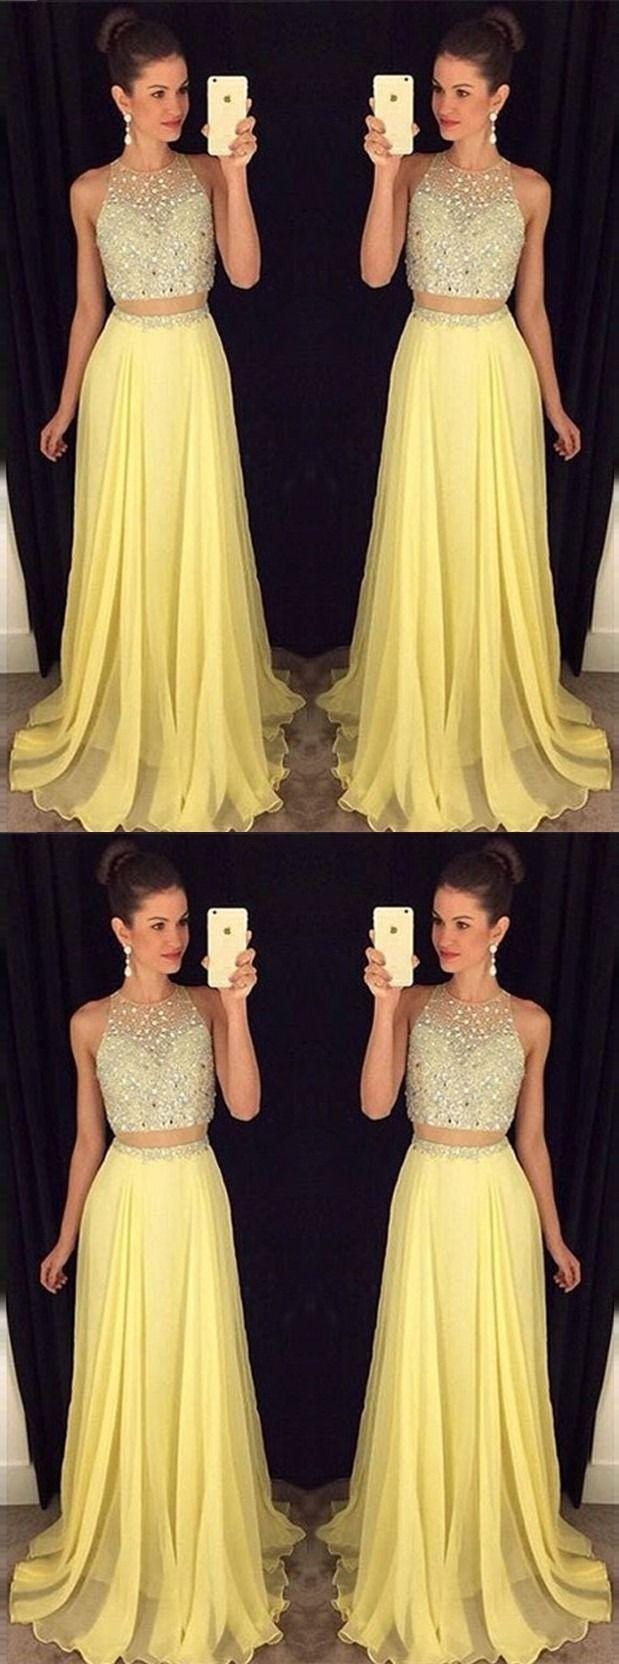 20 Coolste Gelbe Abend Kleider Boutique Einfach Gelbe Abend Kleider Boutique